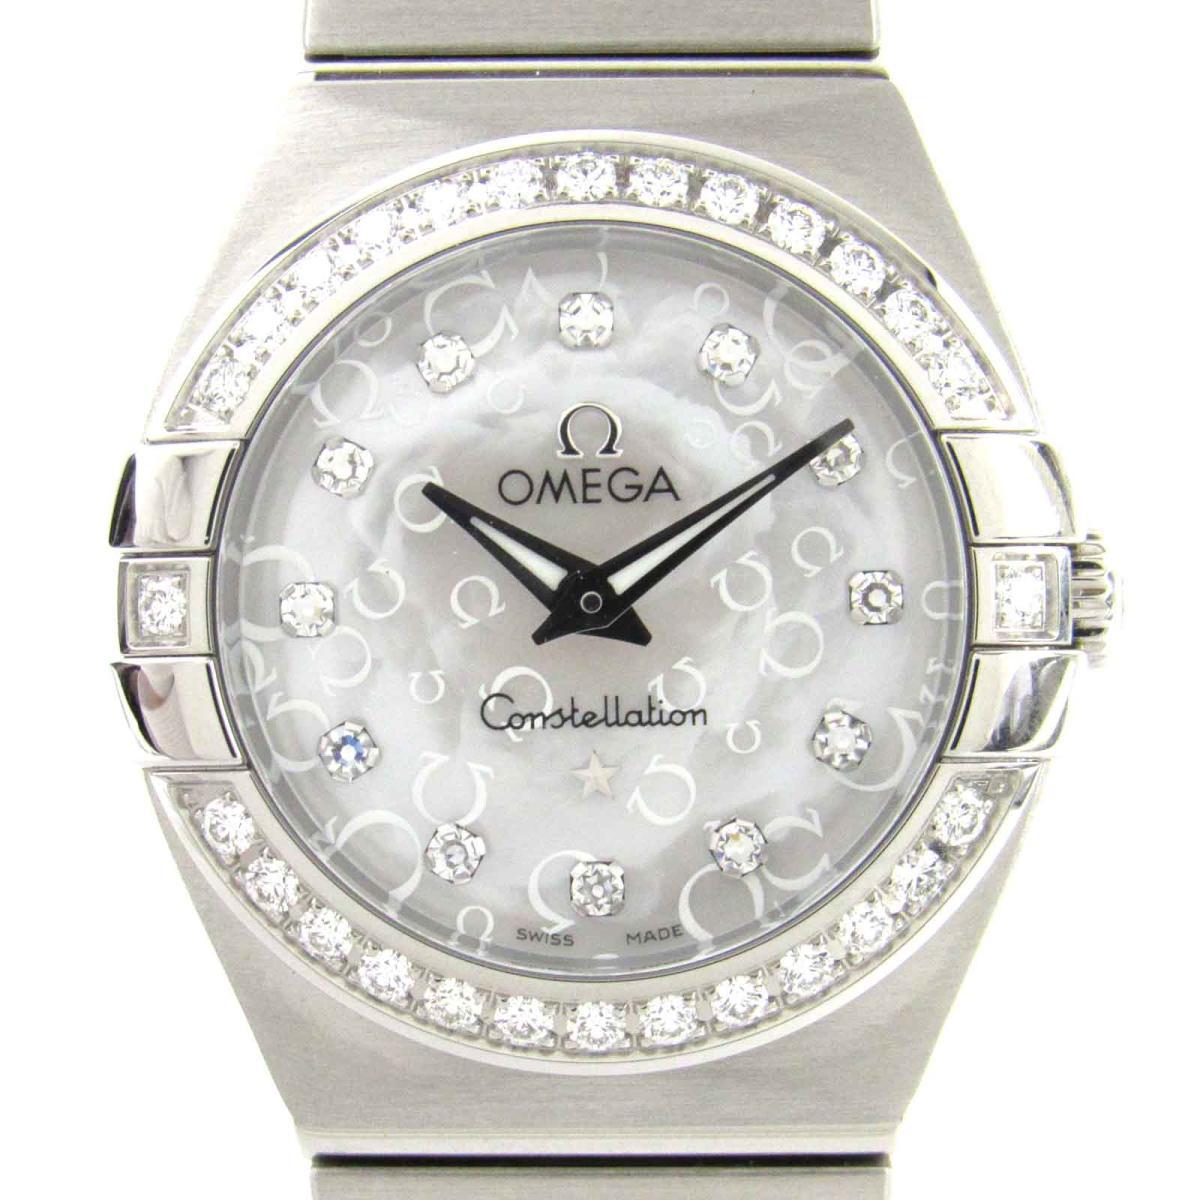 コンステレーション ダイヤベゼル 12Pダイヤモンド/腕時計